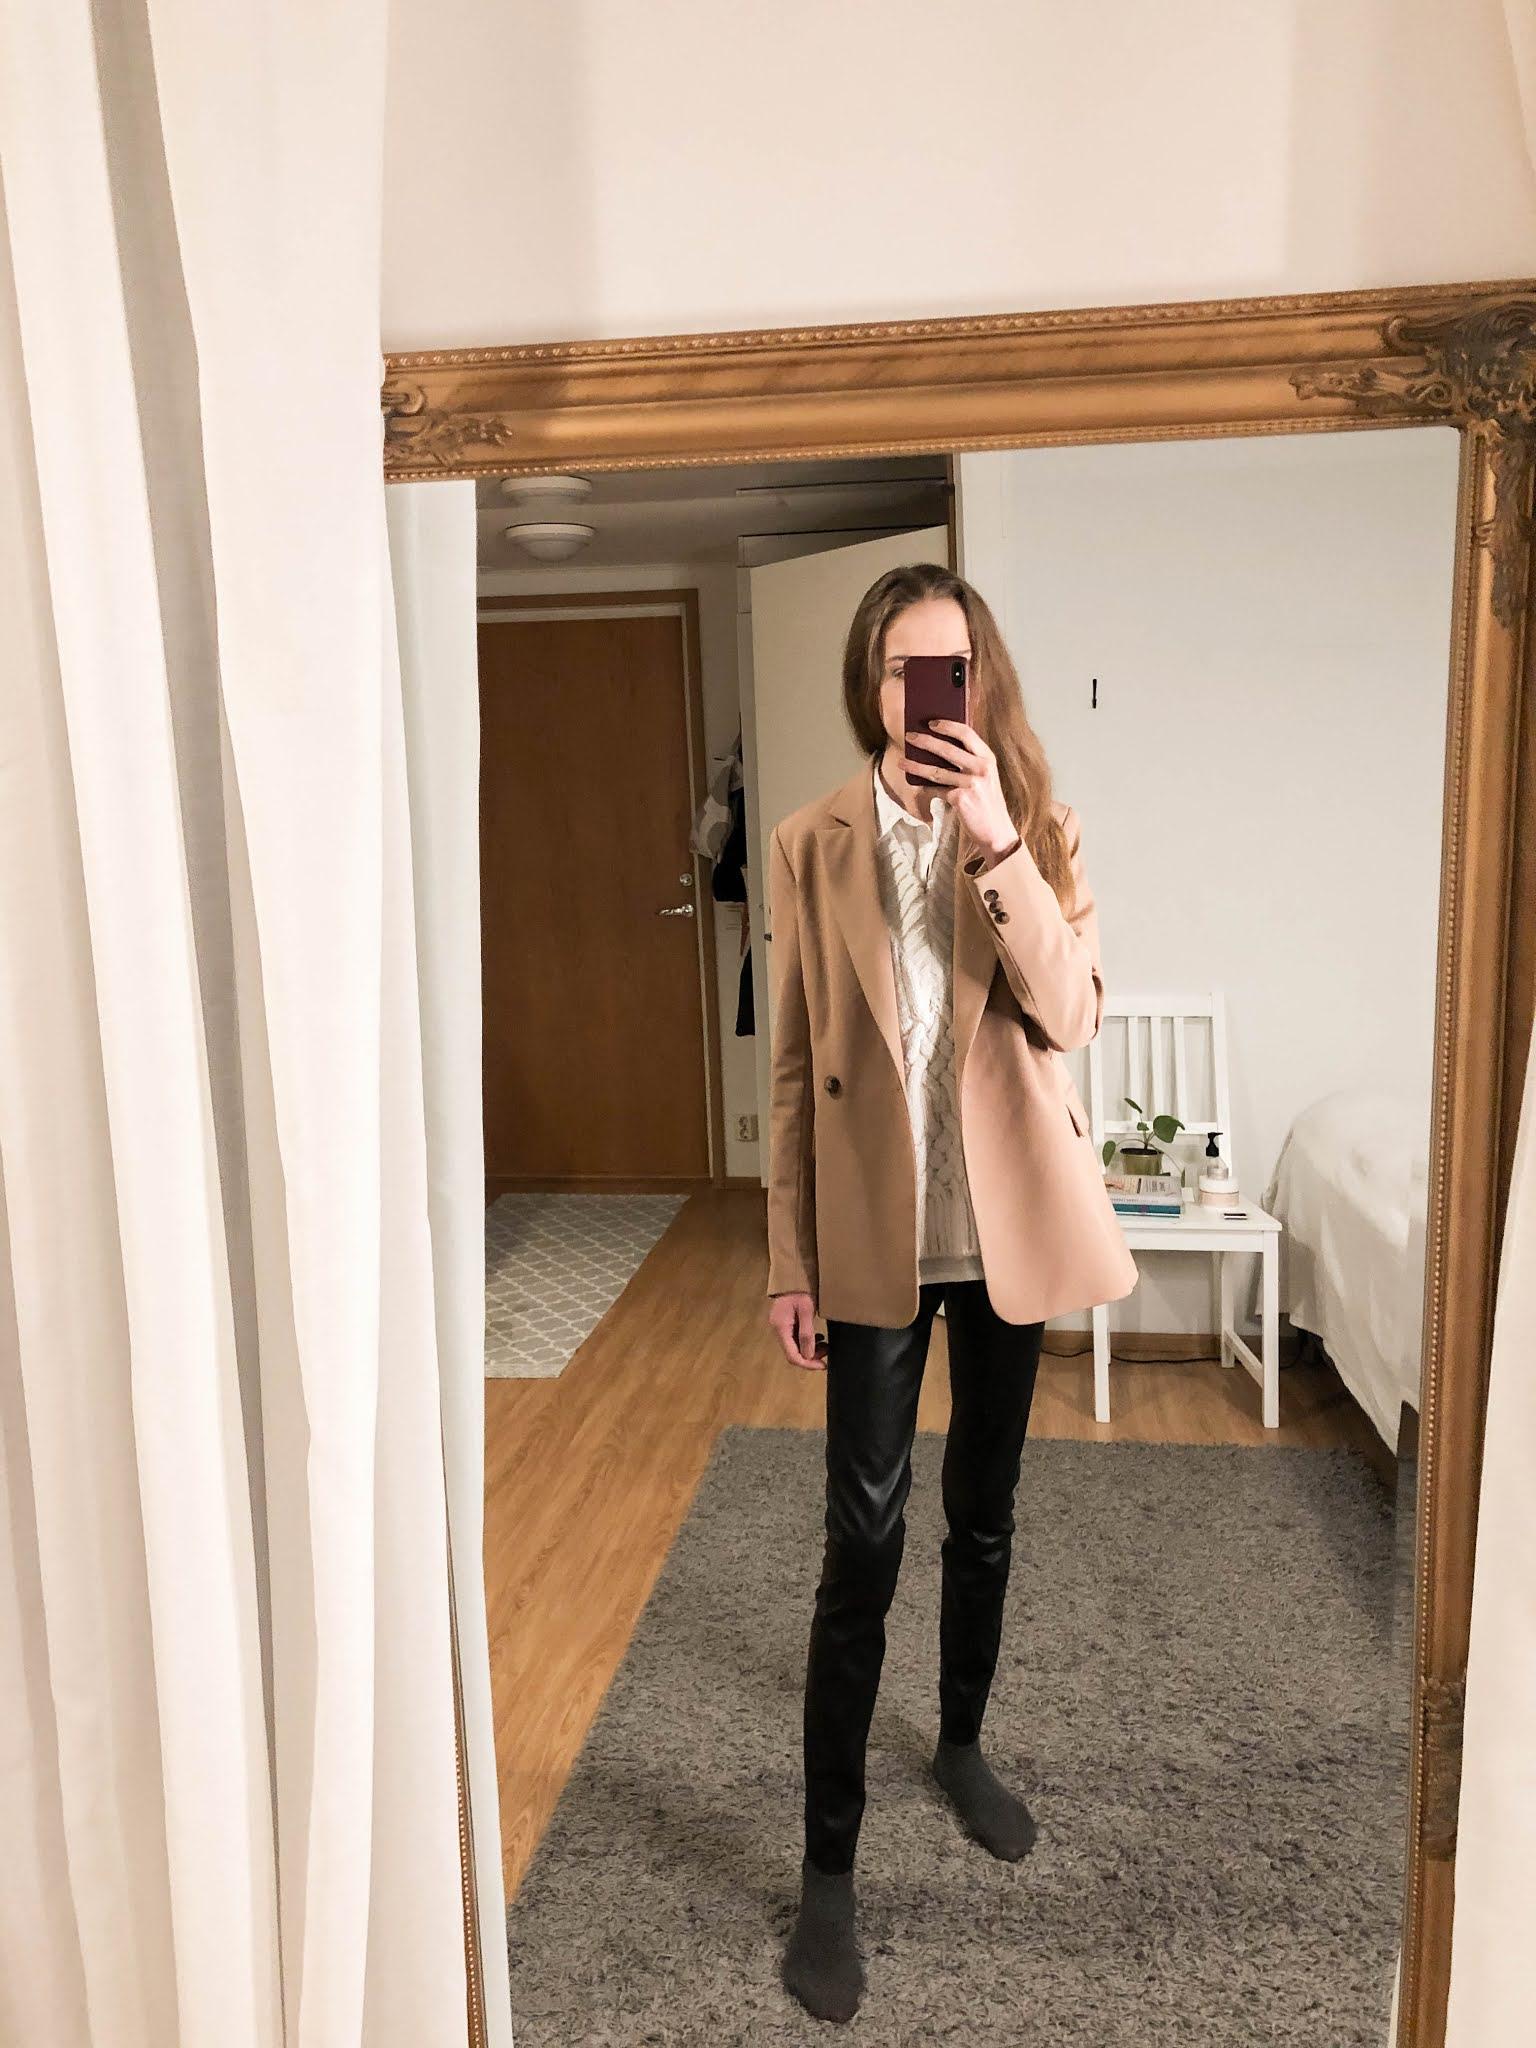 Inspiraatiota työpukeutumiseen // Work outfit inspiration